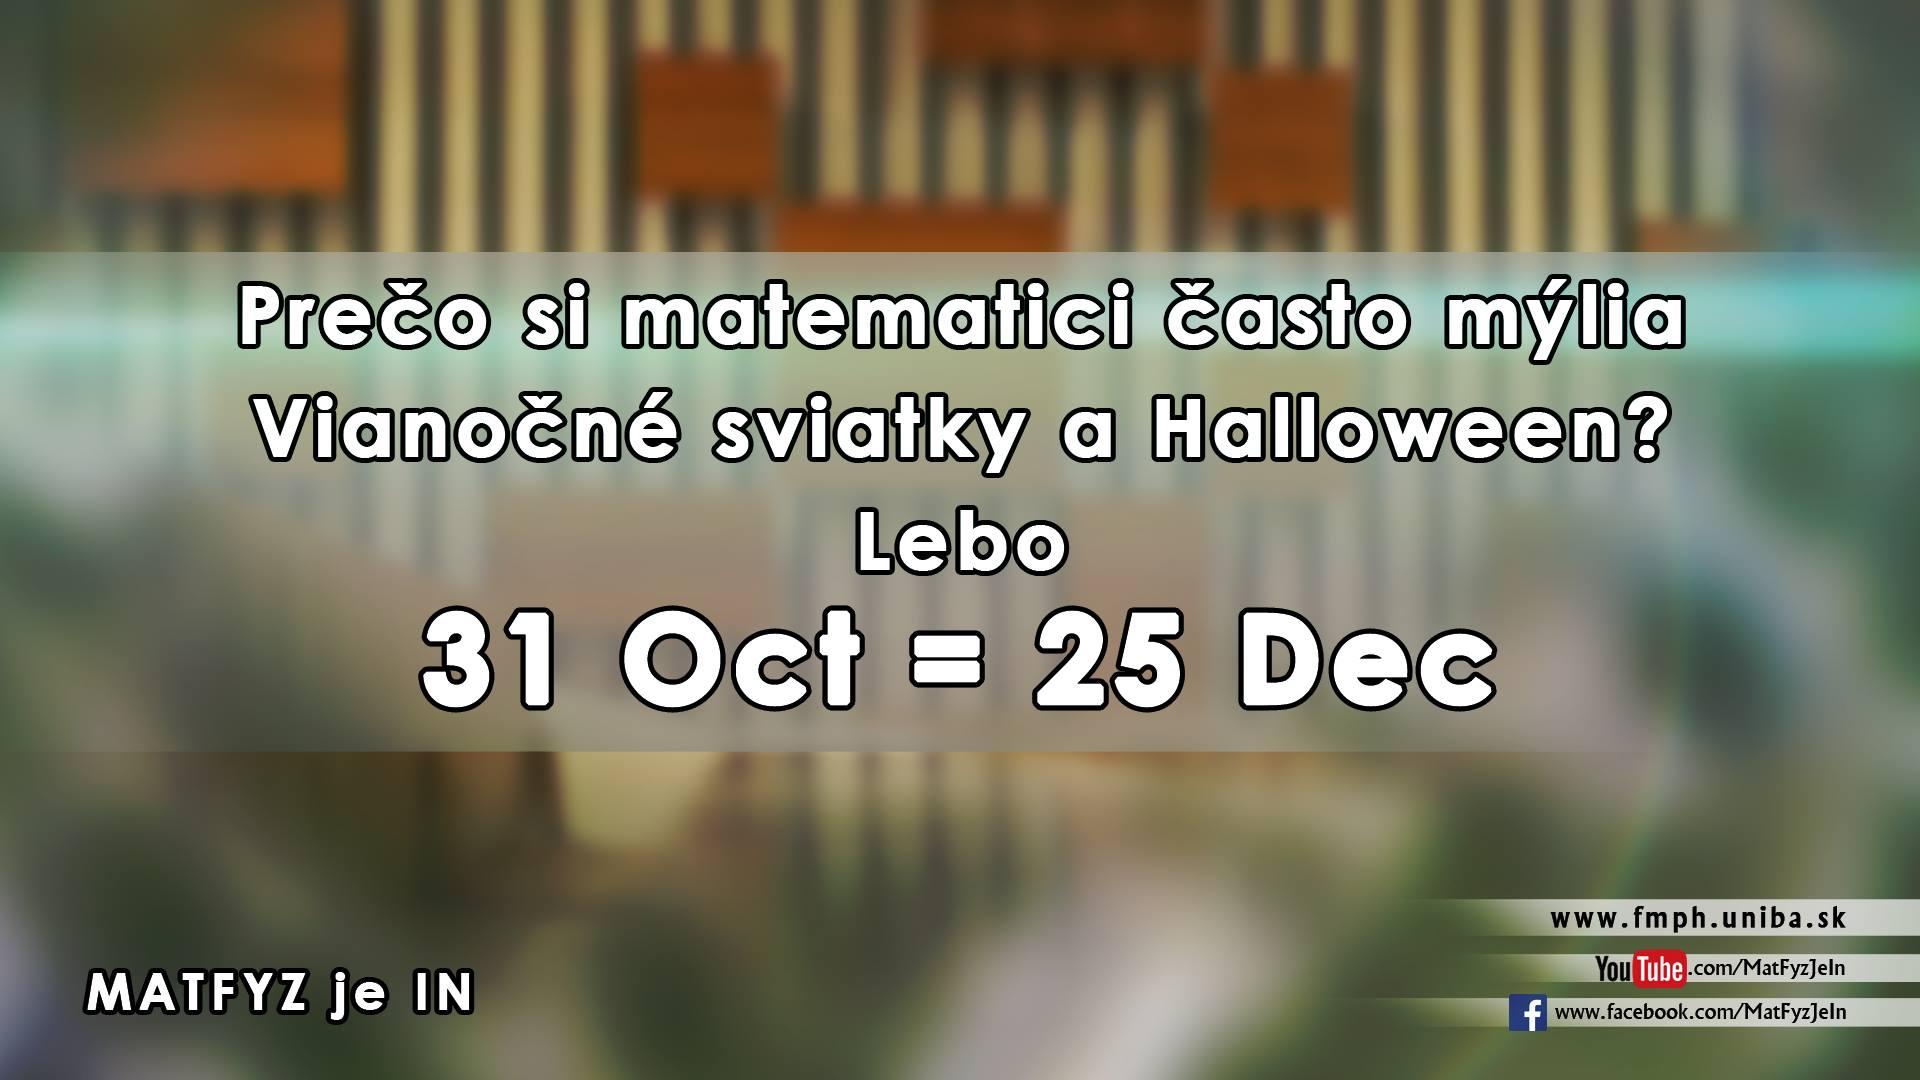 Proč si matematici někdy pletou Vánoce a Halloween